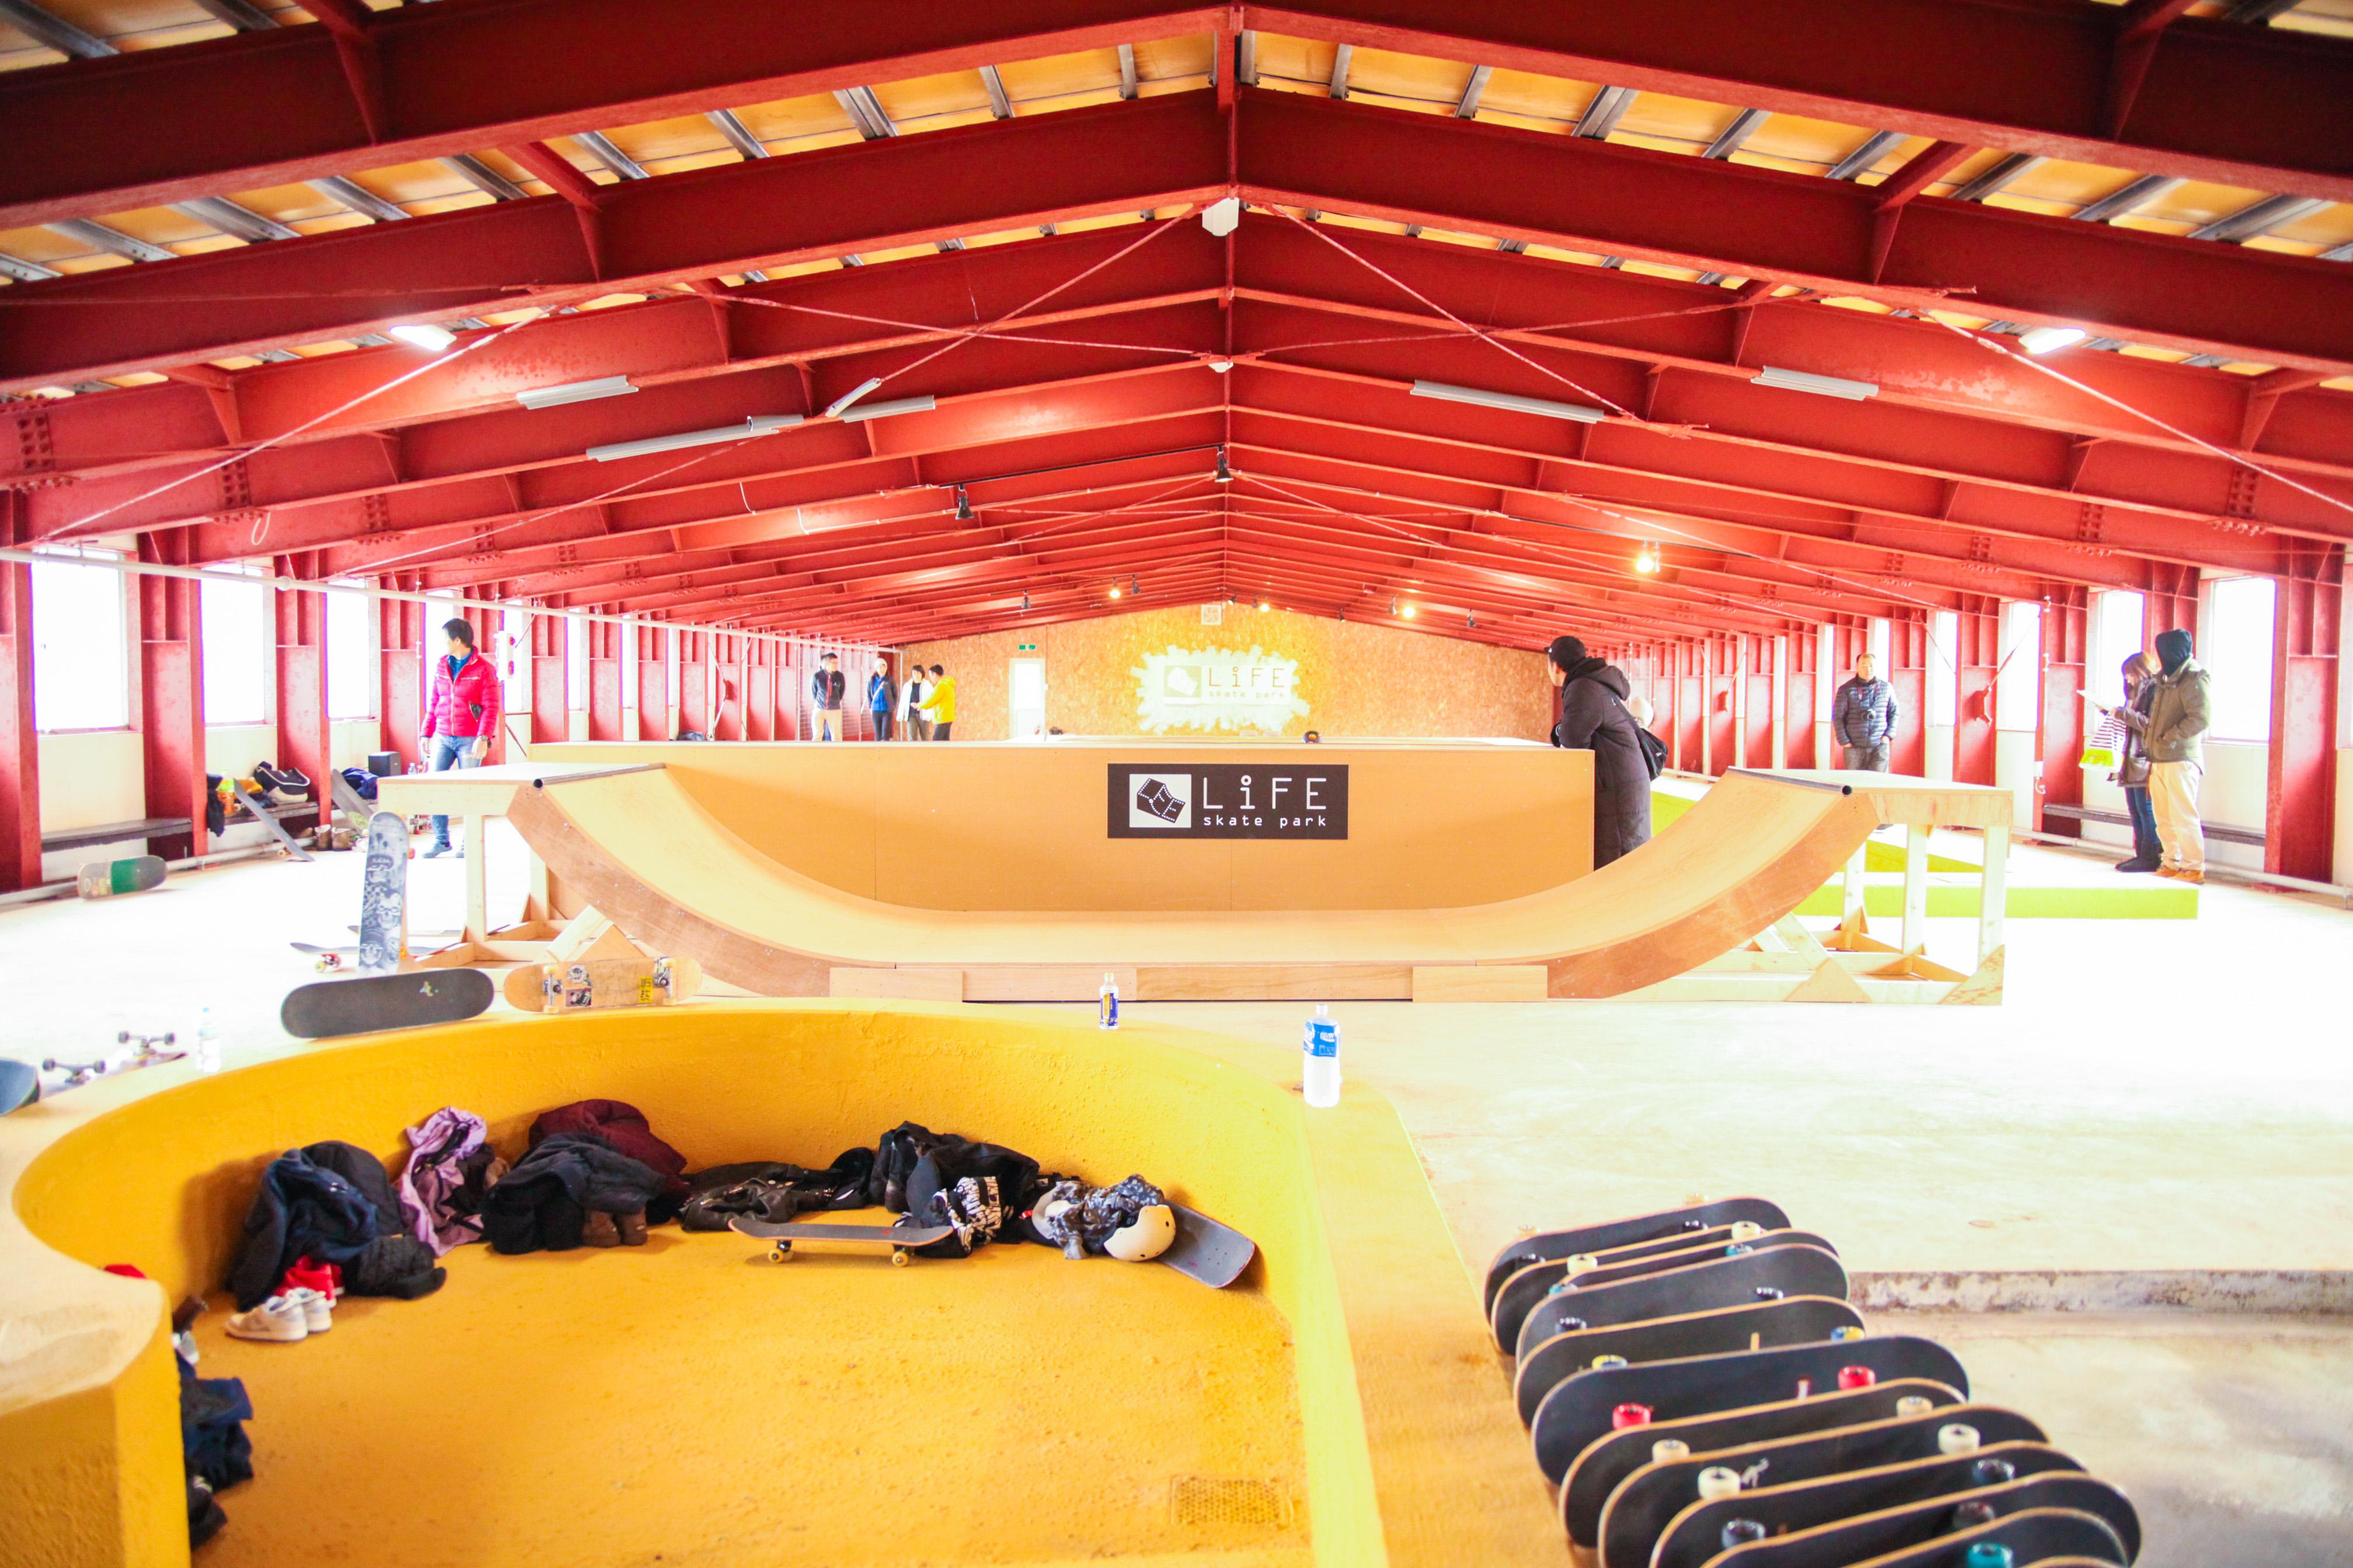 北海道最大級の屋内スケートパーク併設 life in bihoroがグランド